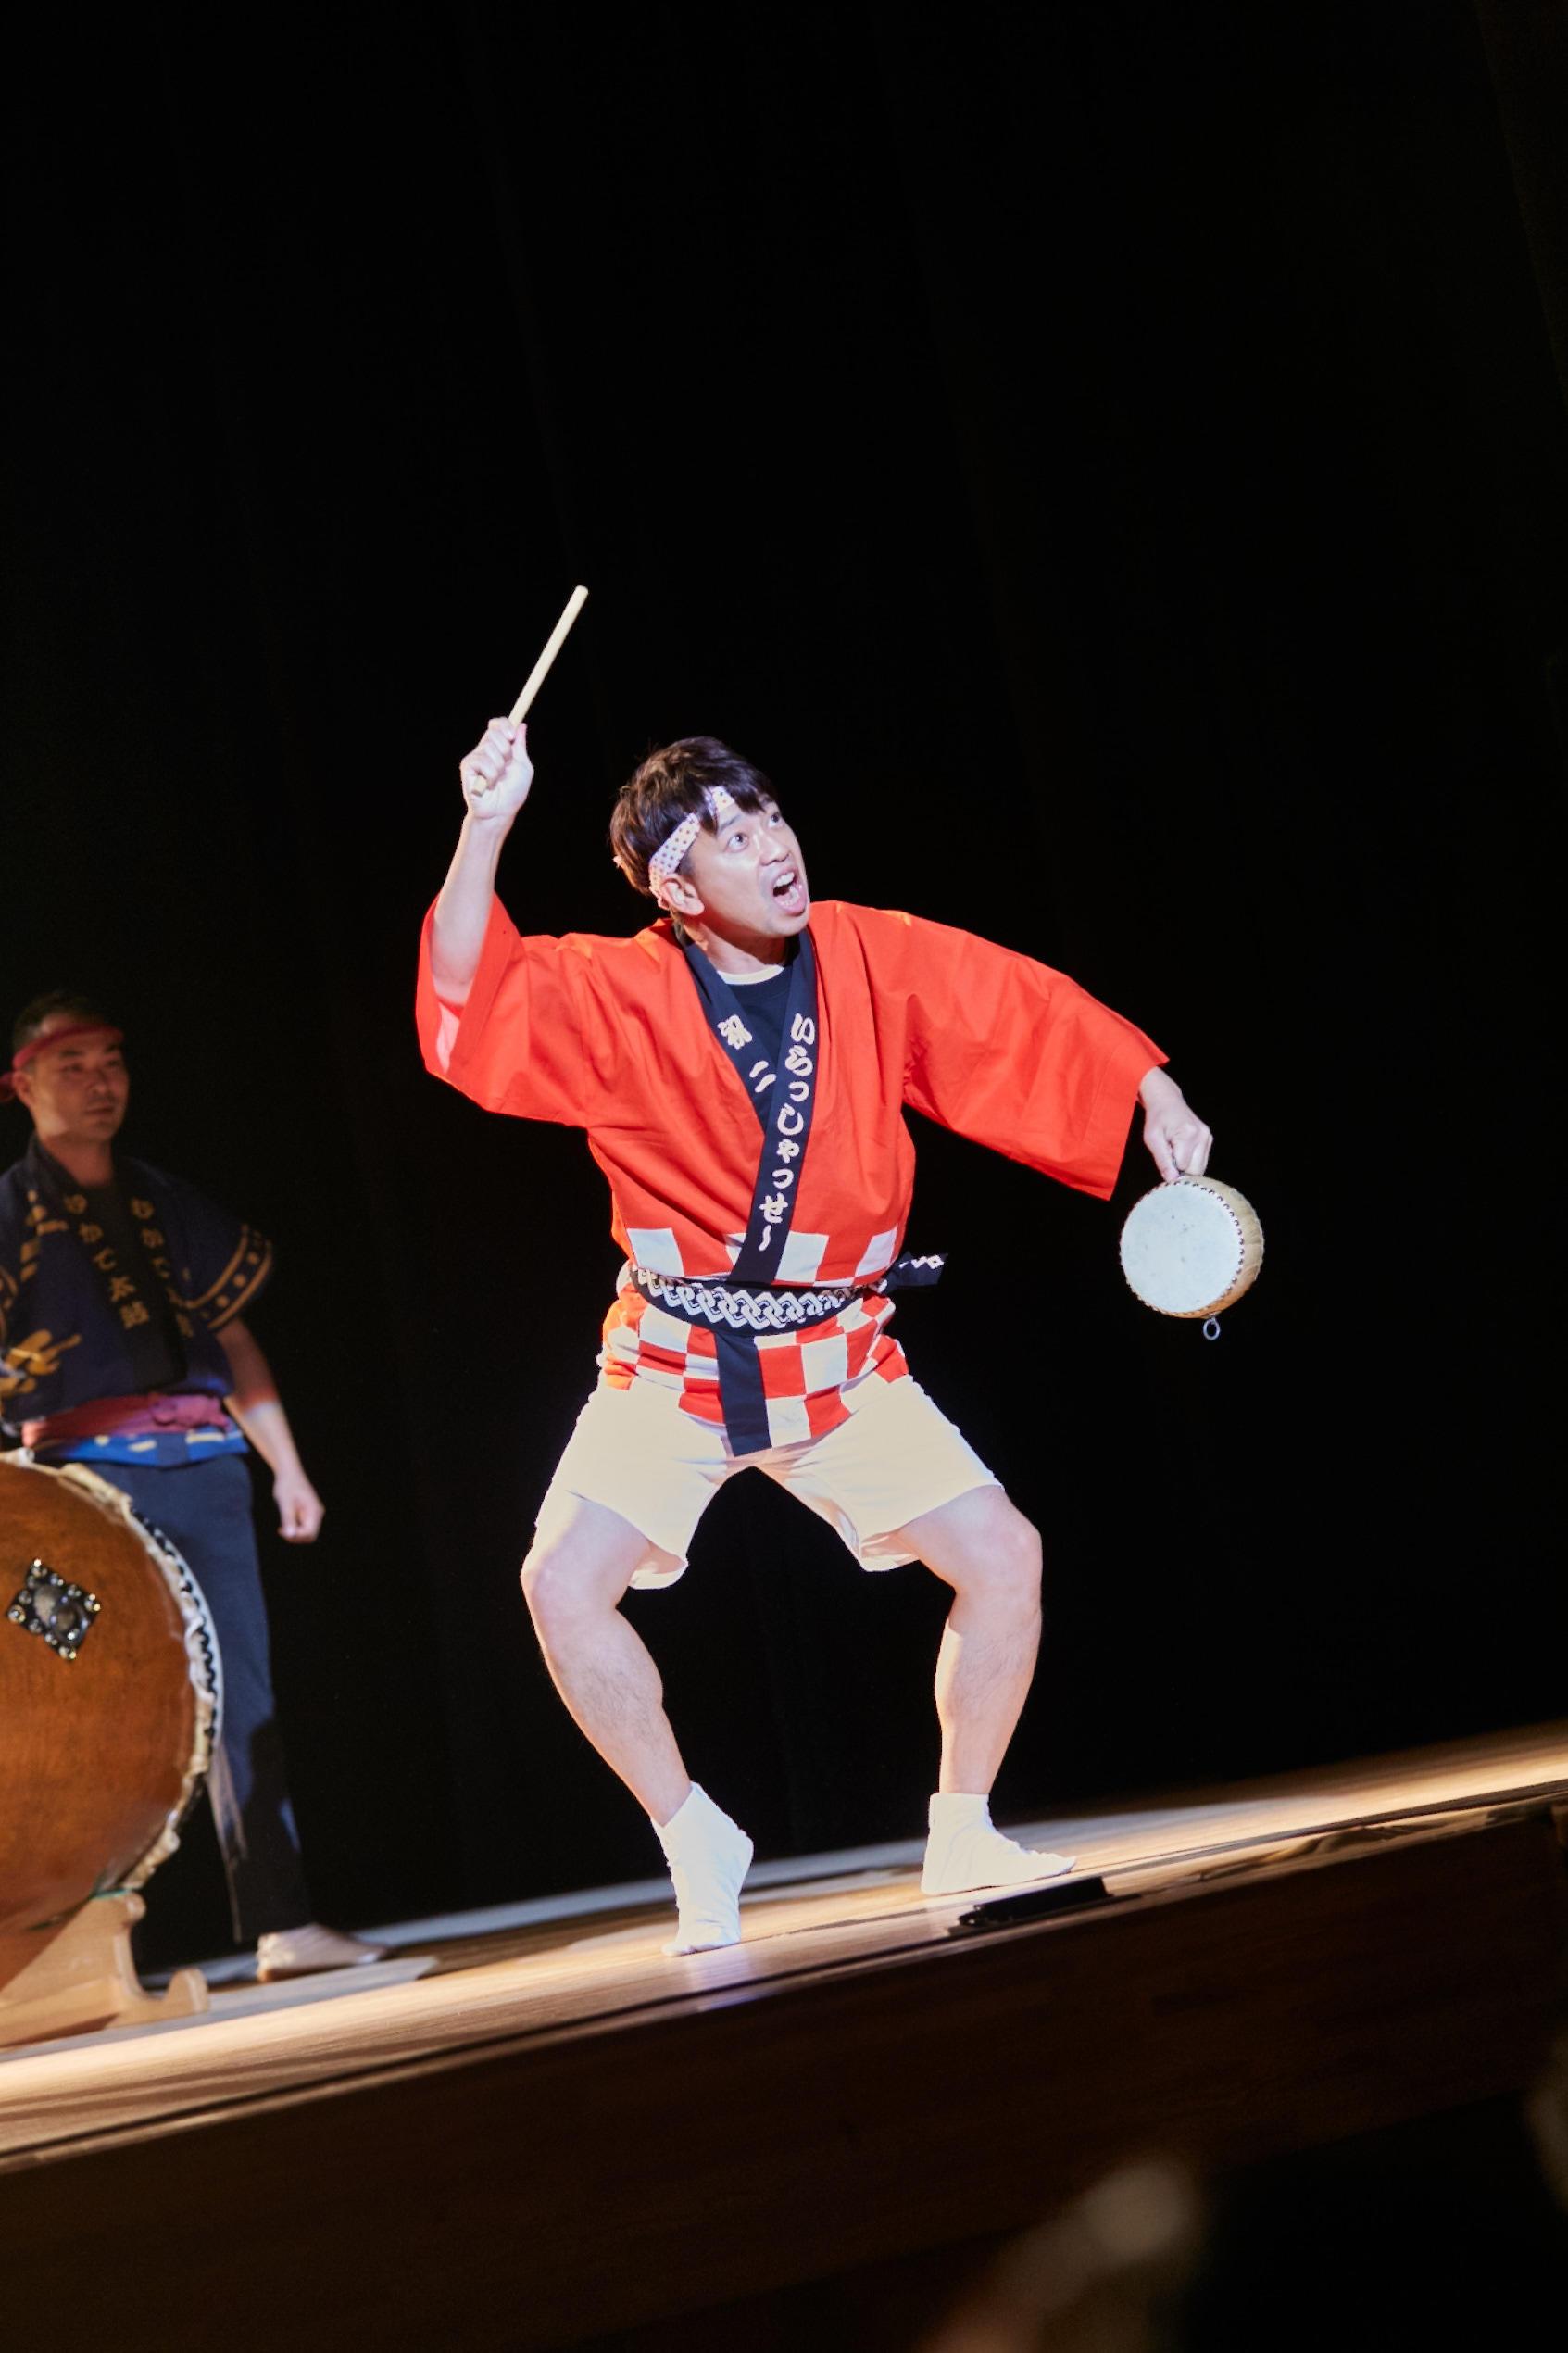 http://news.yoshimoto.co.jp/20171113161339-cd27e169a91c32f0b87a67d0416fb8b8ab107464.jpg